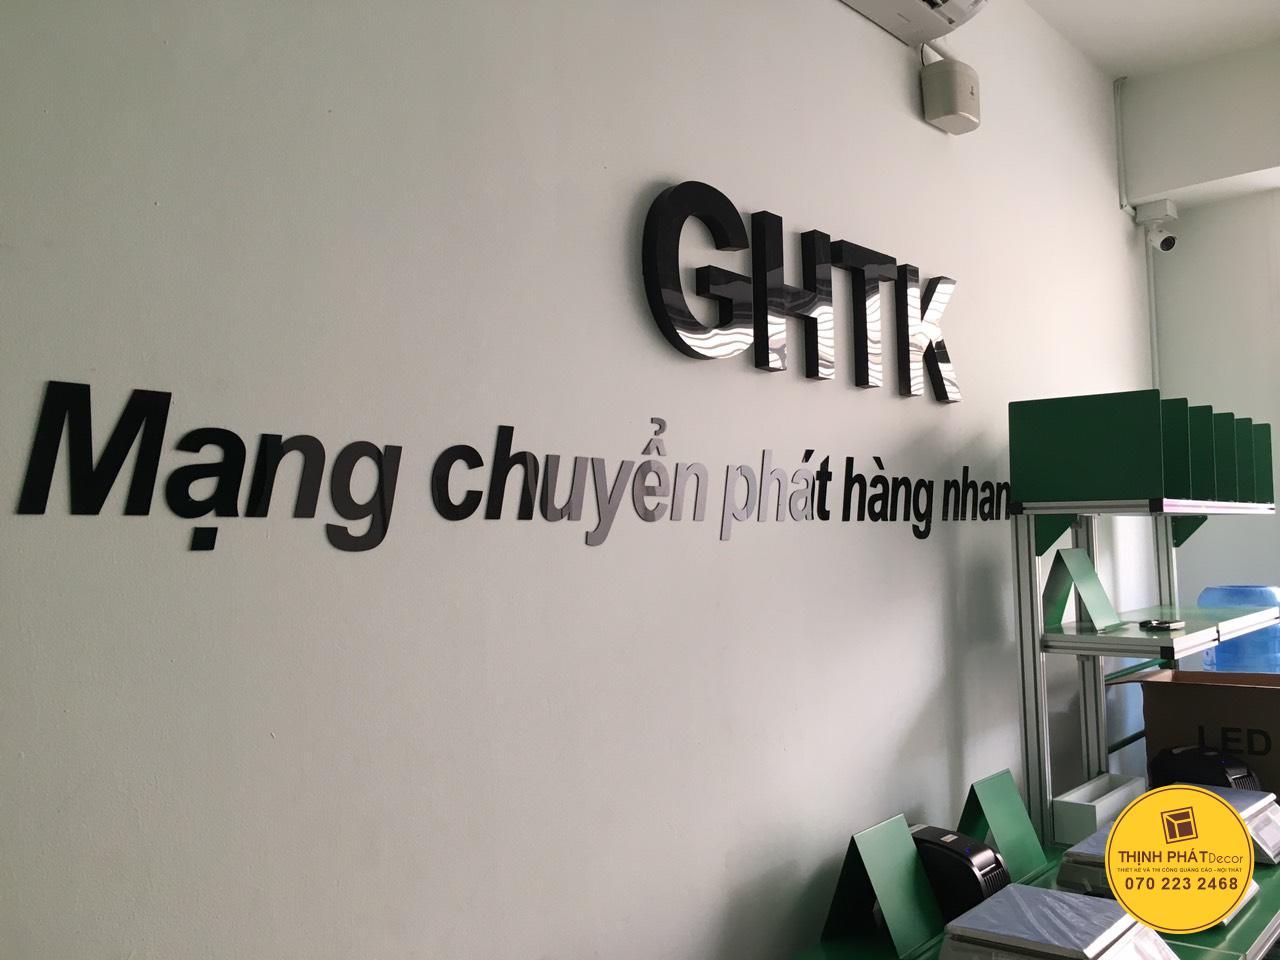 Thi công chữ nổi mica logo GHTK